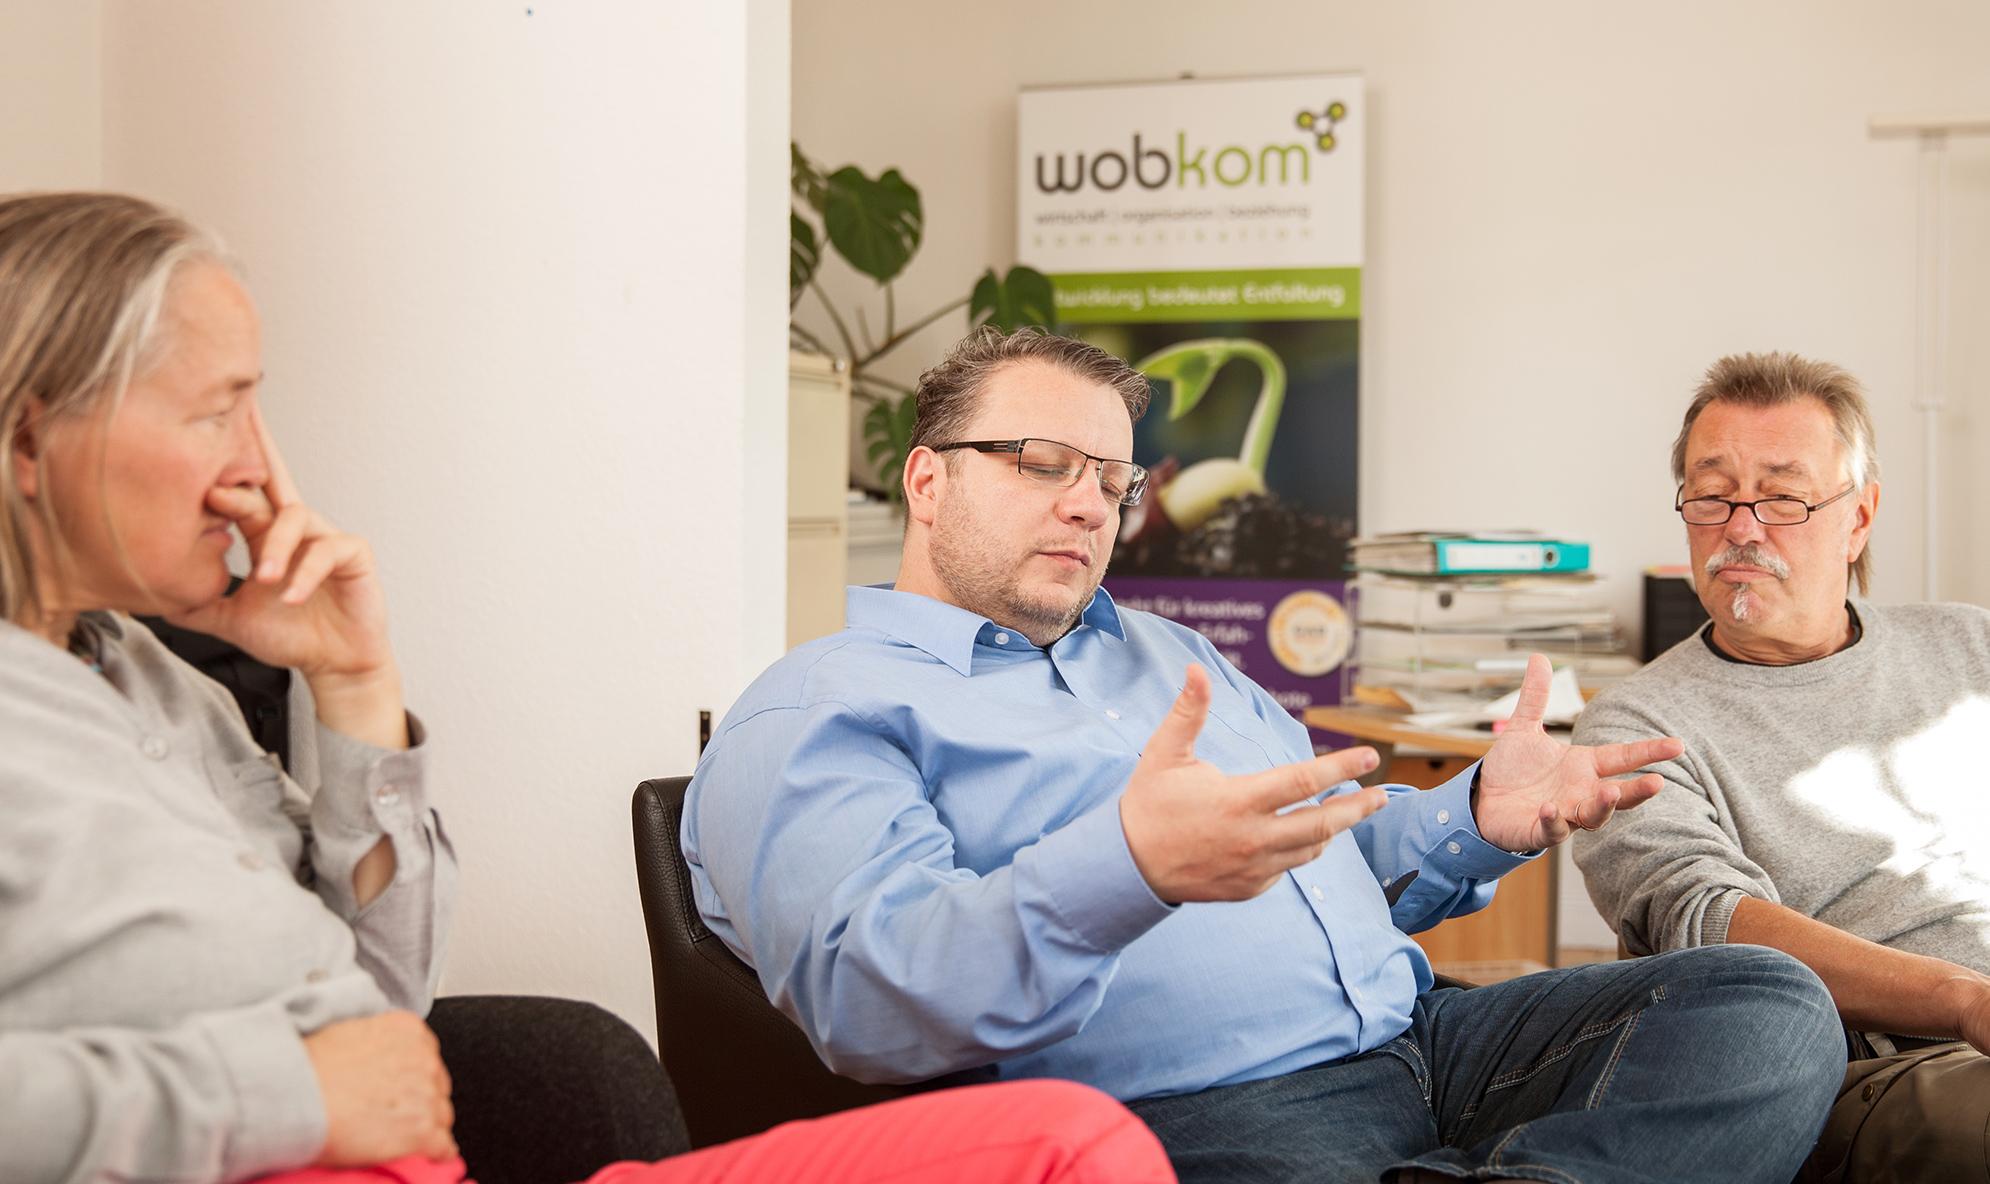 wobkom GmbH - Unternehmensberatung aus Remscheid